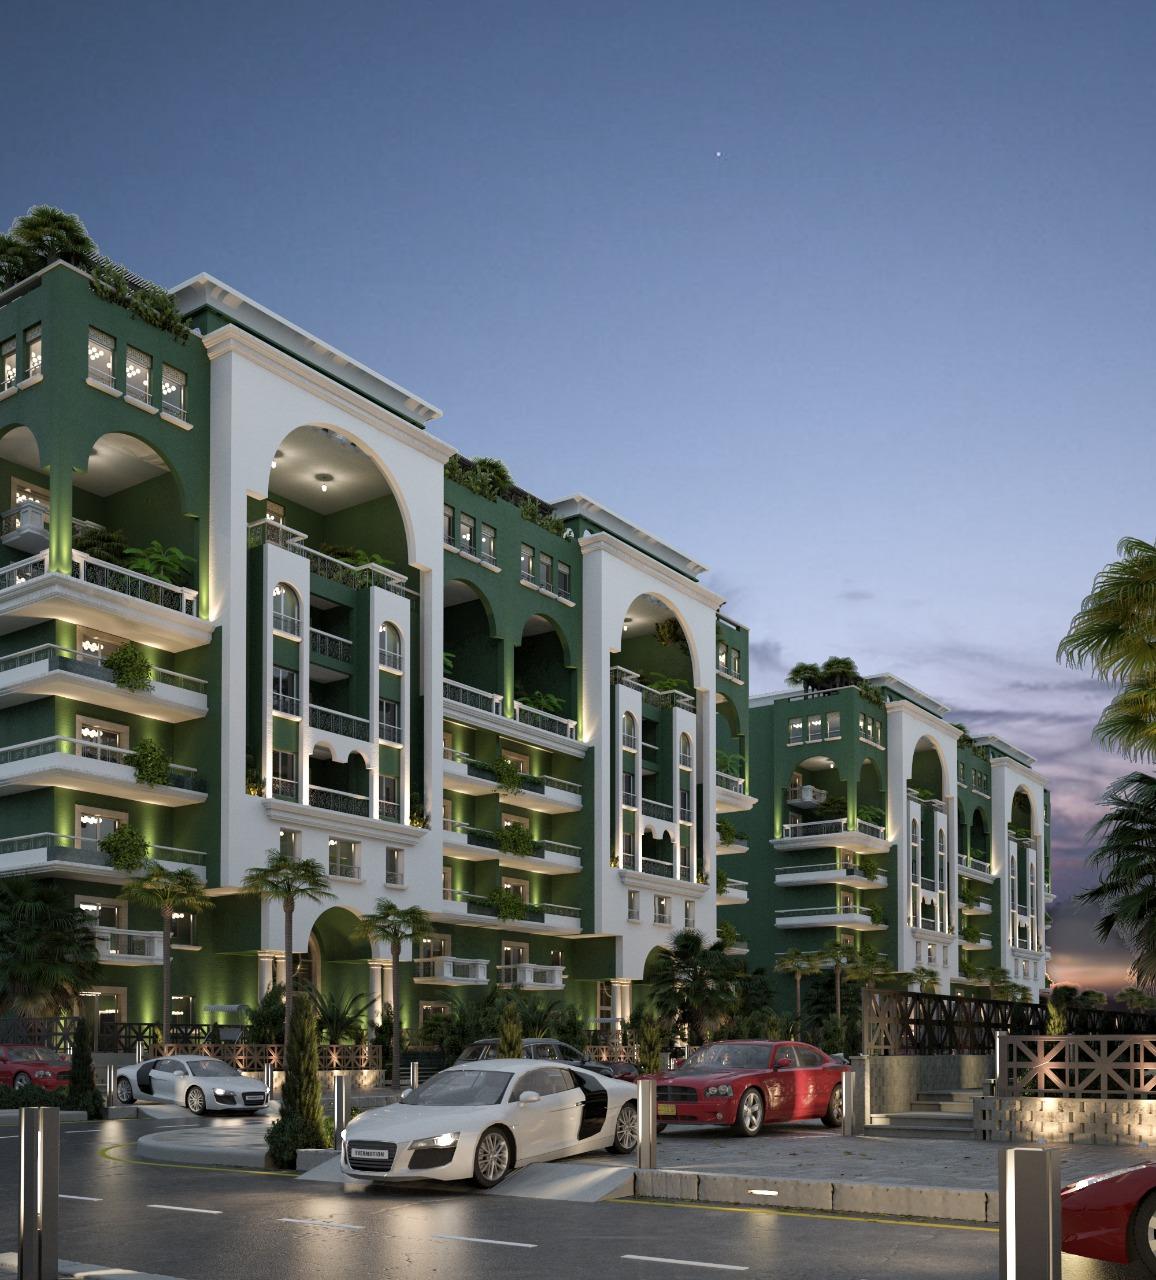 التصميم الخاص بكمبوند لافيردي العاصمة الادارية